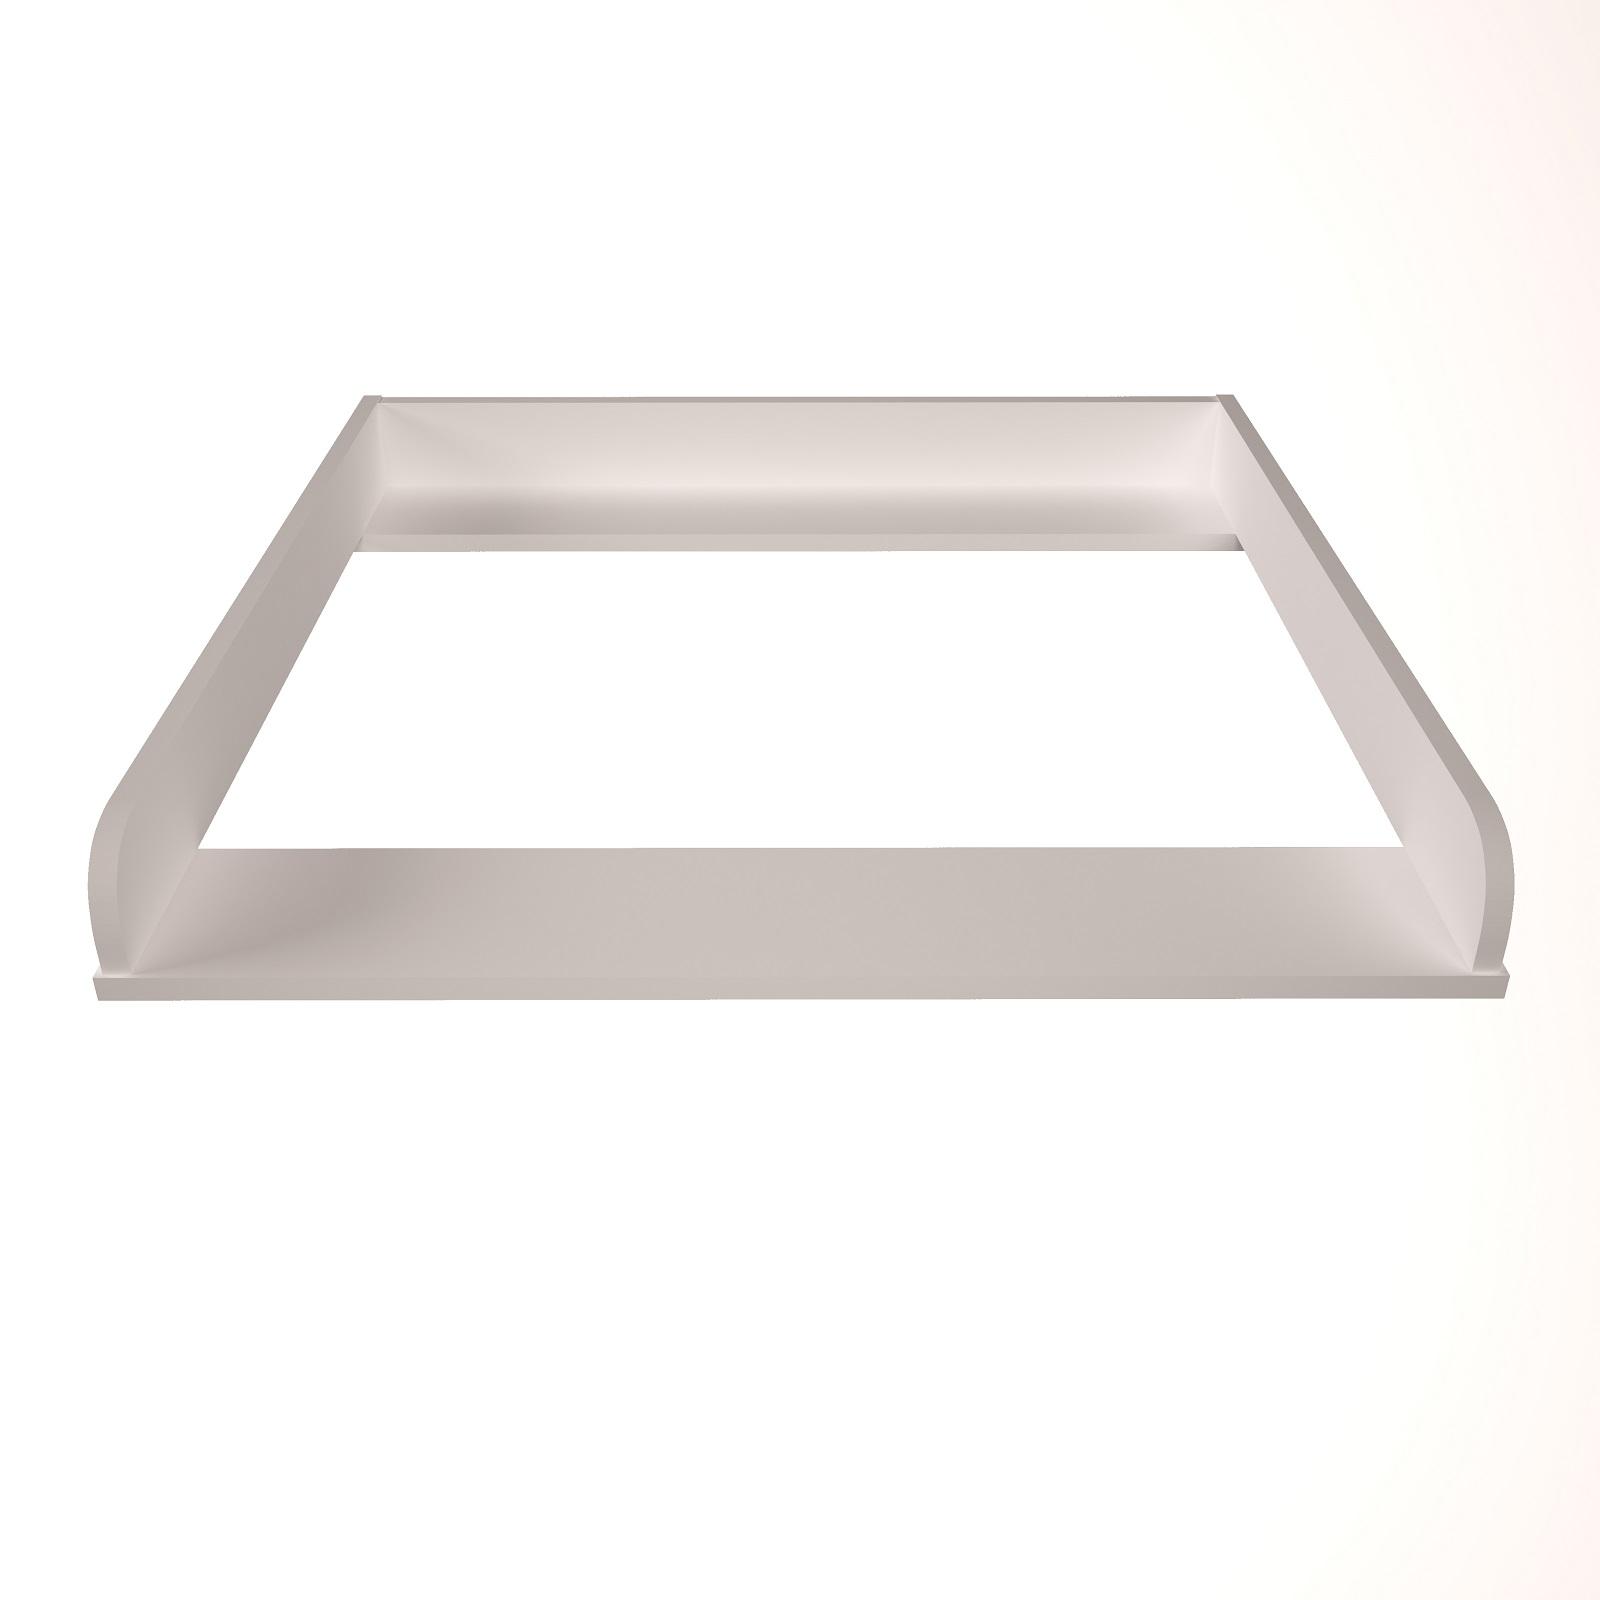 wickelaufsatz wickeltischaufsatz f r ikea malm hemnes. Black Bedroom Furniture Sets. Home Design Ideas